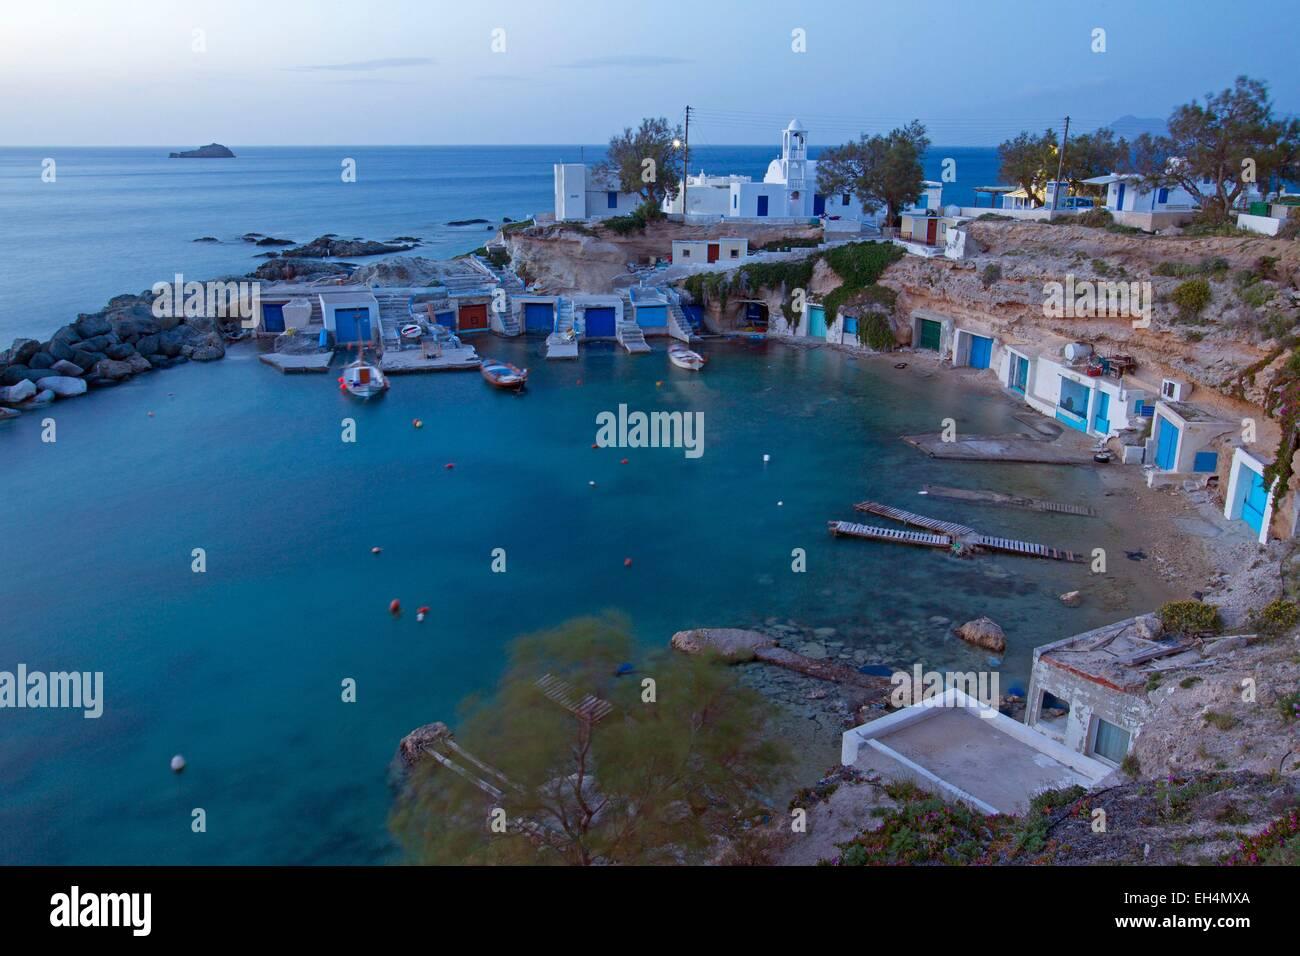 Greece, Cyclades, Island of Milos, Agios Konstantinos - Stock Image